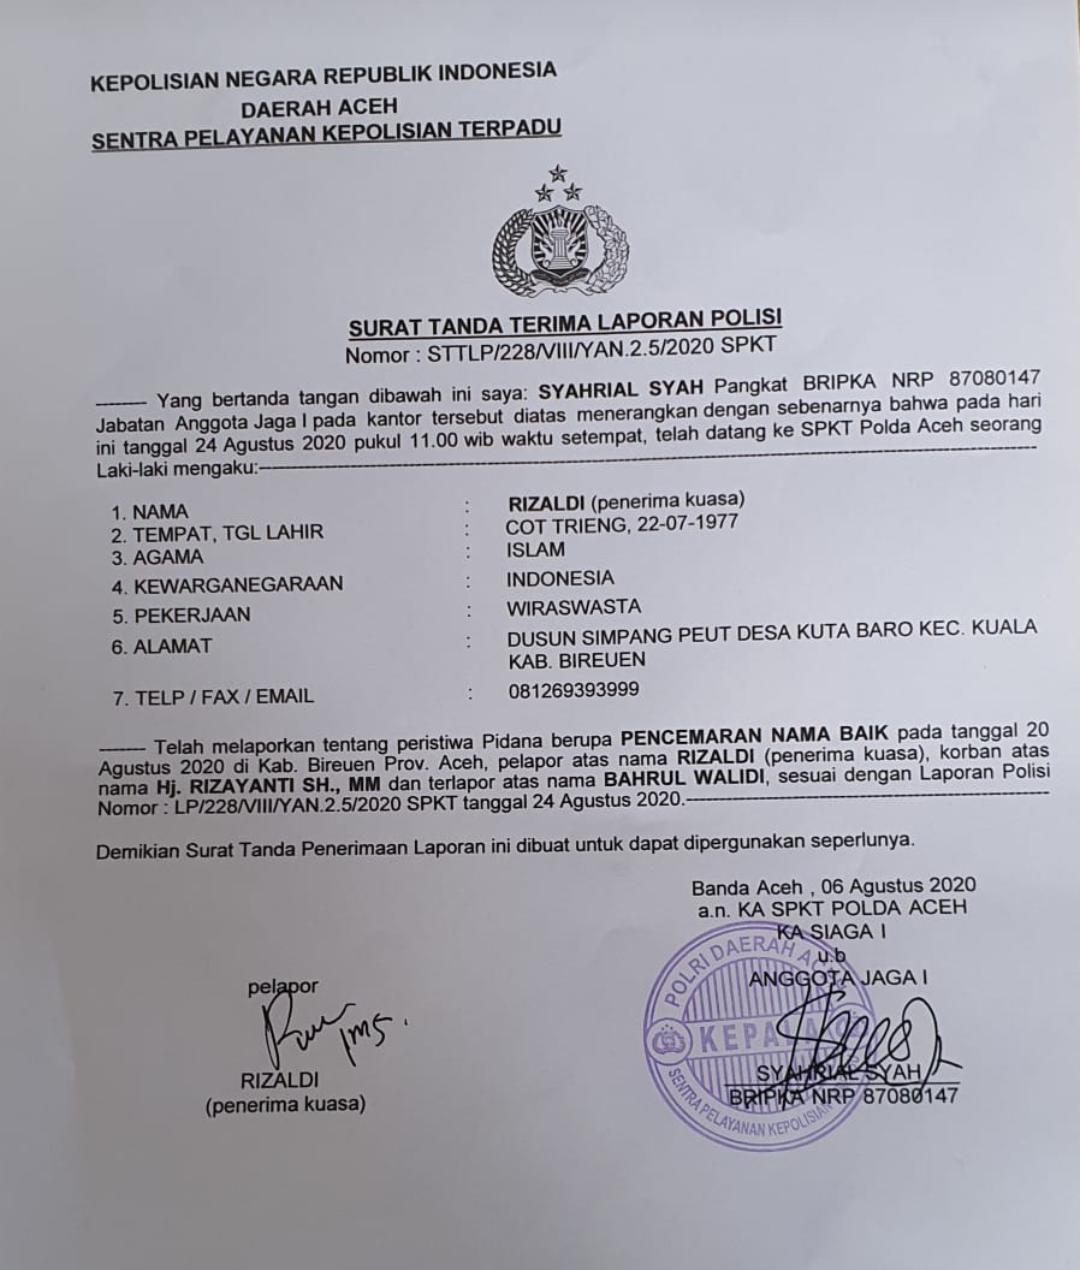 Surat Tanda Terima Laporan Polisi yang beredar luas di media sosial.